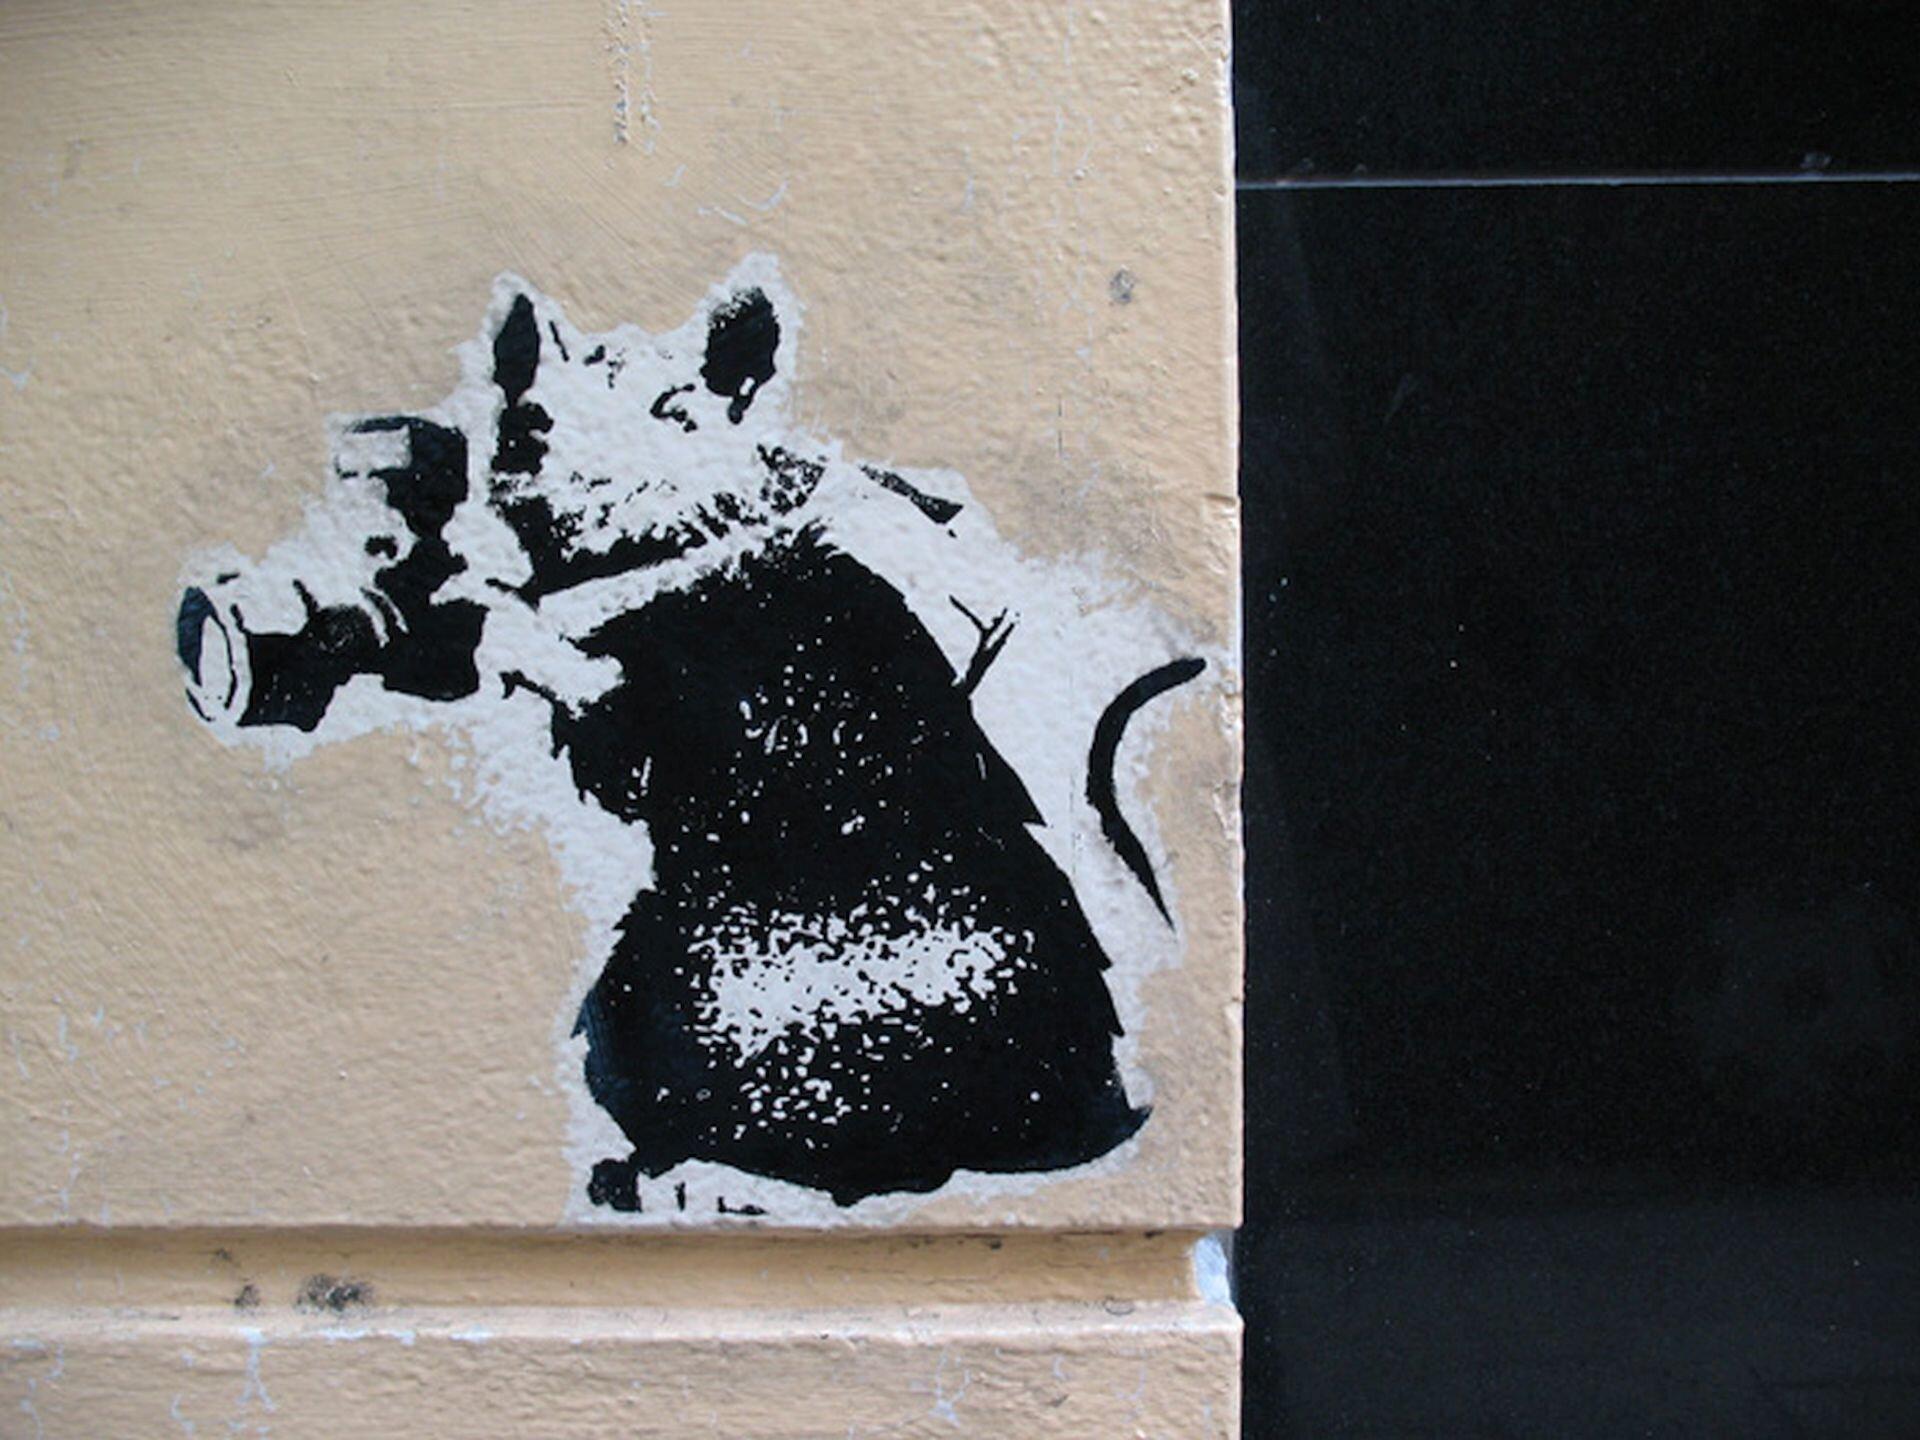 Ilustracja przedstawia czarno-biały street art Banksy'ego wykonany techniką szablonu. Ukazuje szczura zaparatem fotograficznym.